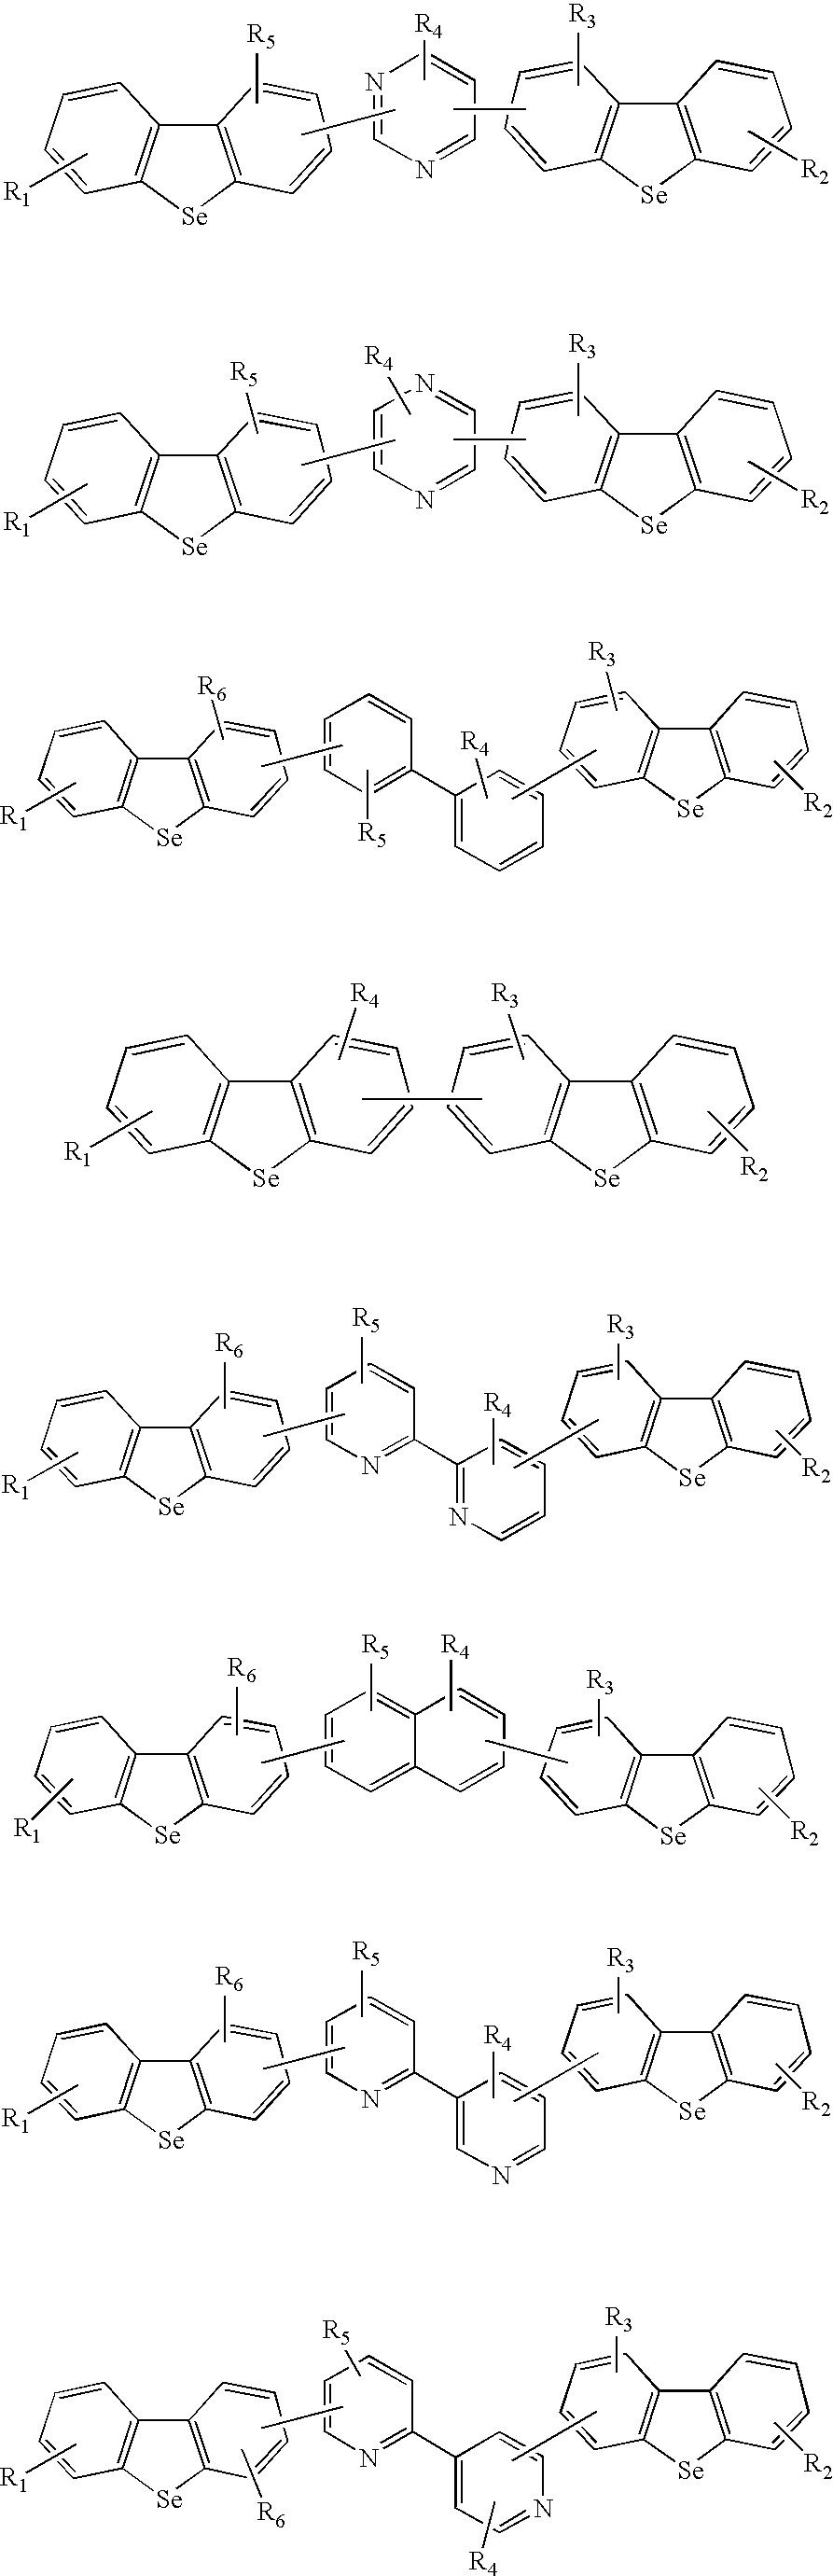 Figure US20100072887A1-20100325-C00230